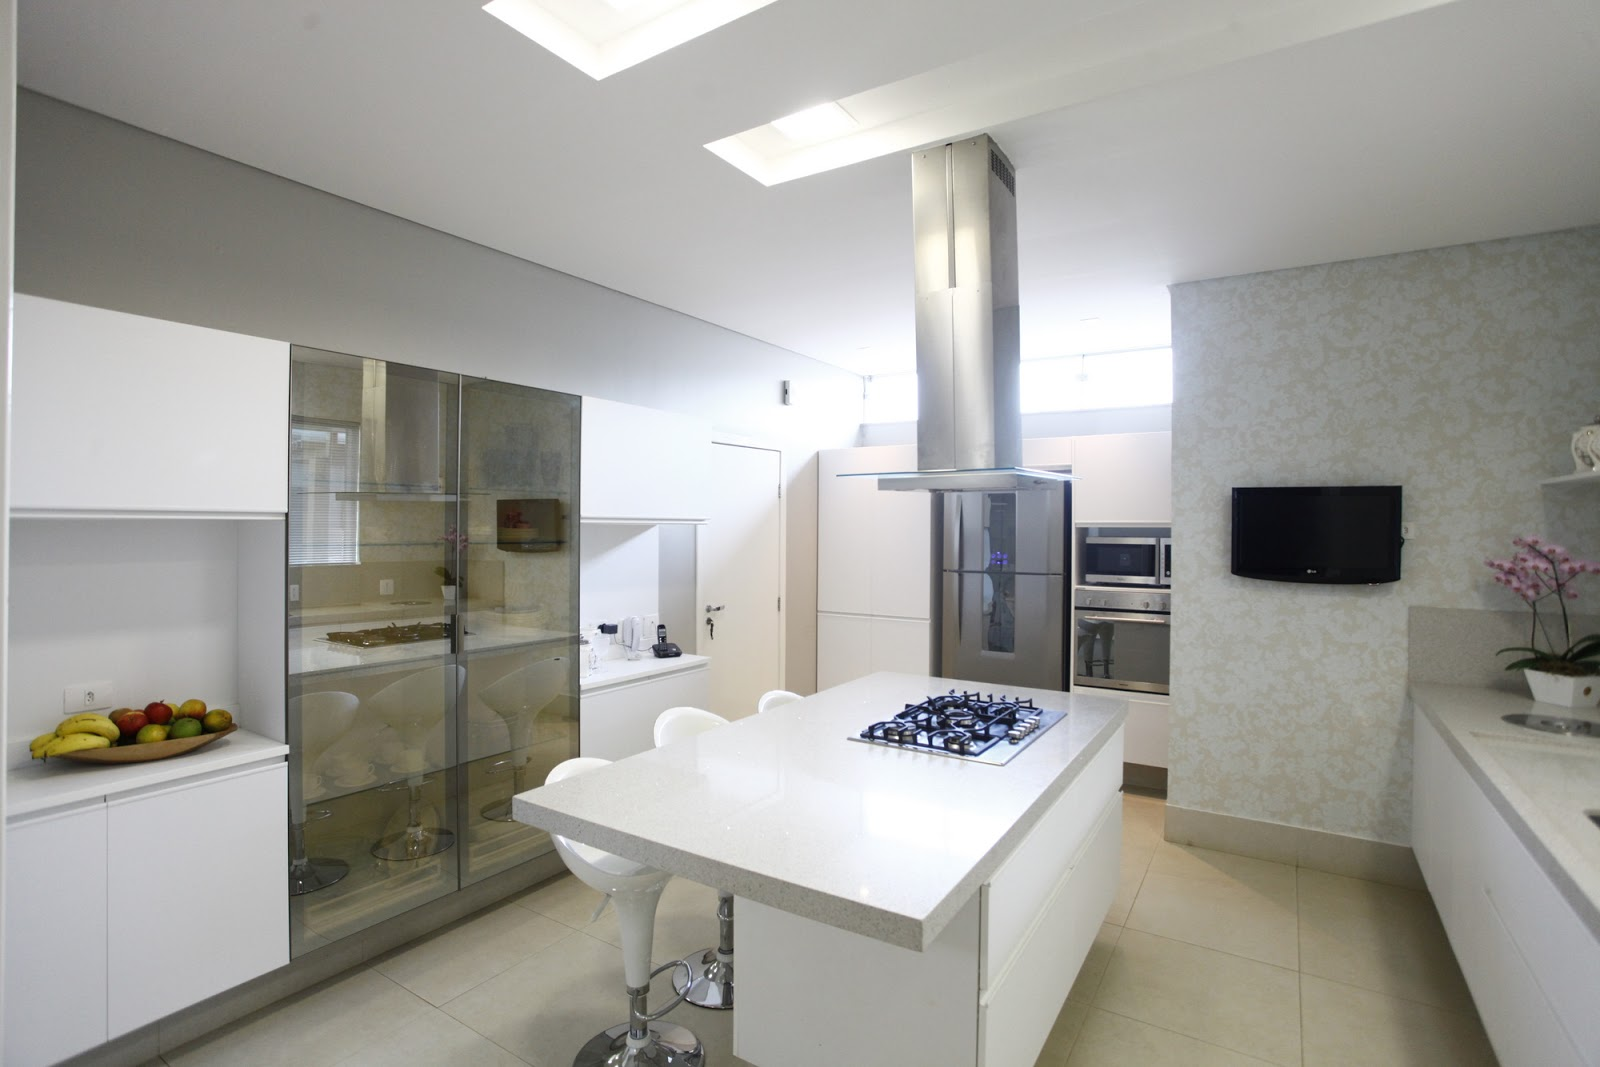 Construindo Minha Casa Clean: Decoração de Cozinhas Brancas Modernas  #5A4F3D 1600 1067